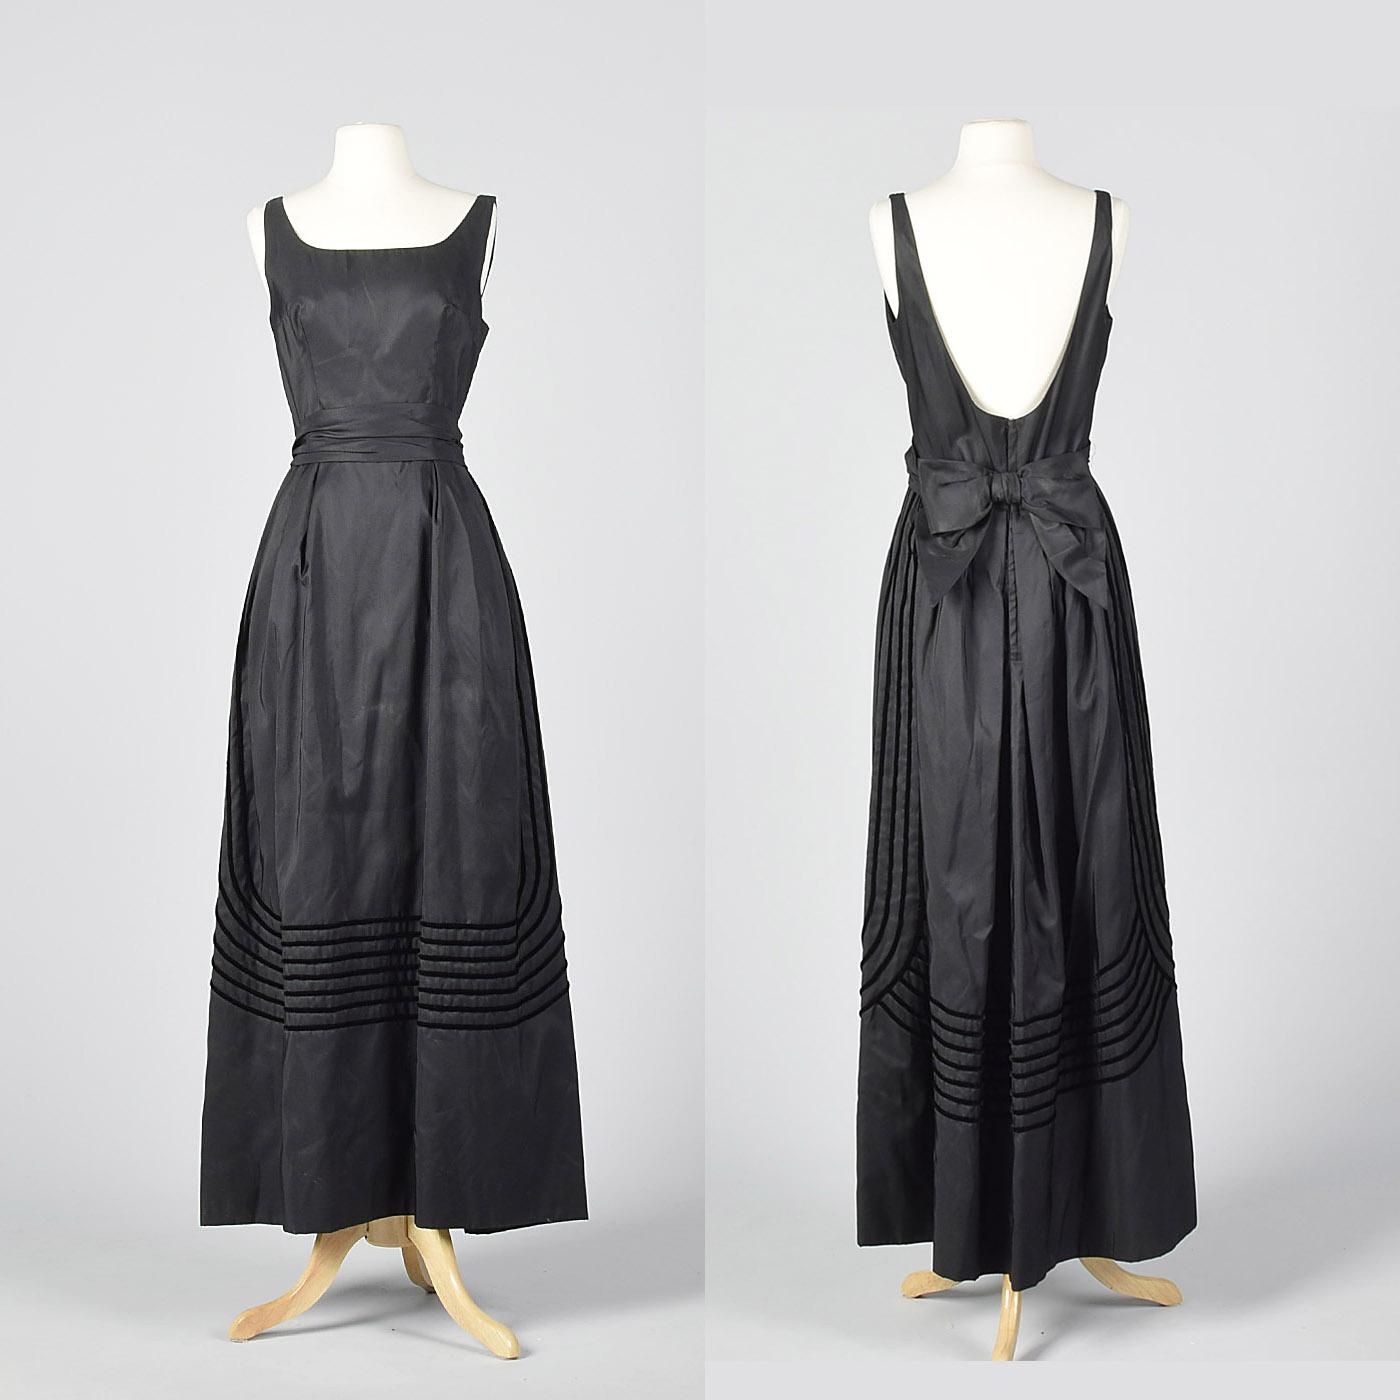 Backless Black Evening Dresses